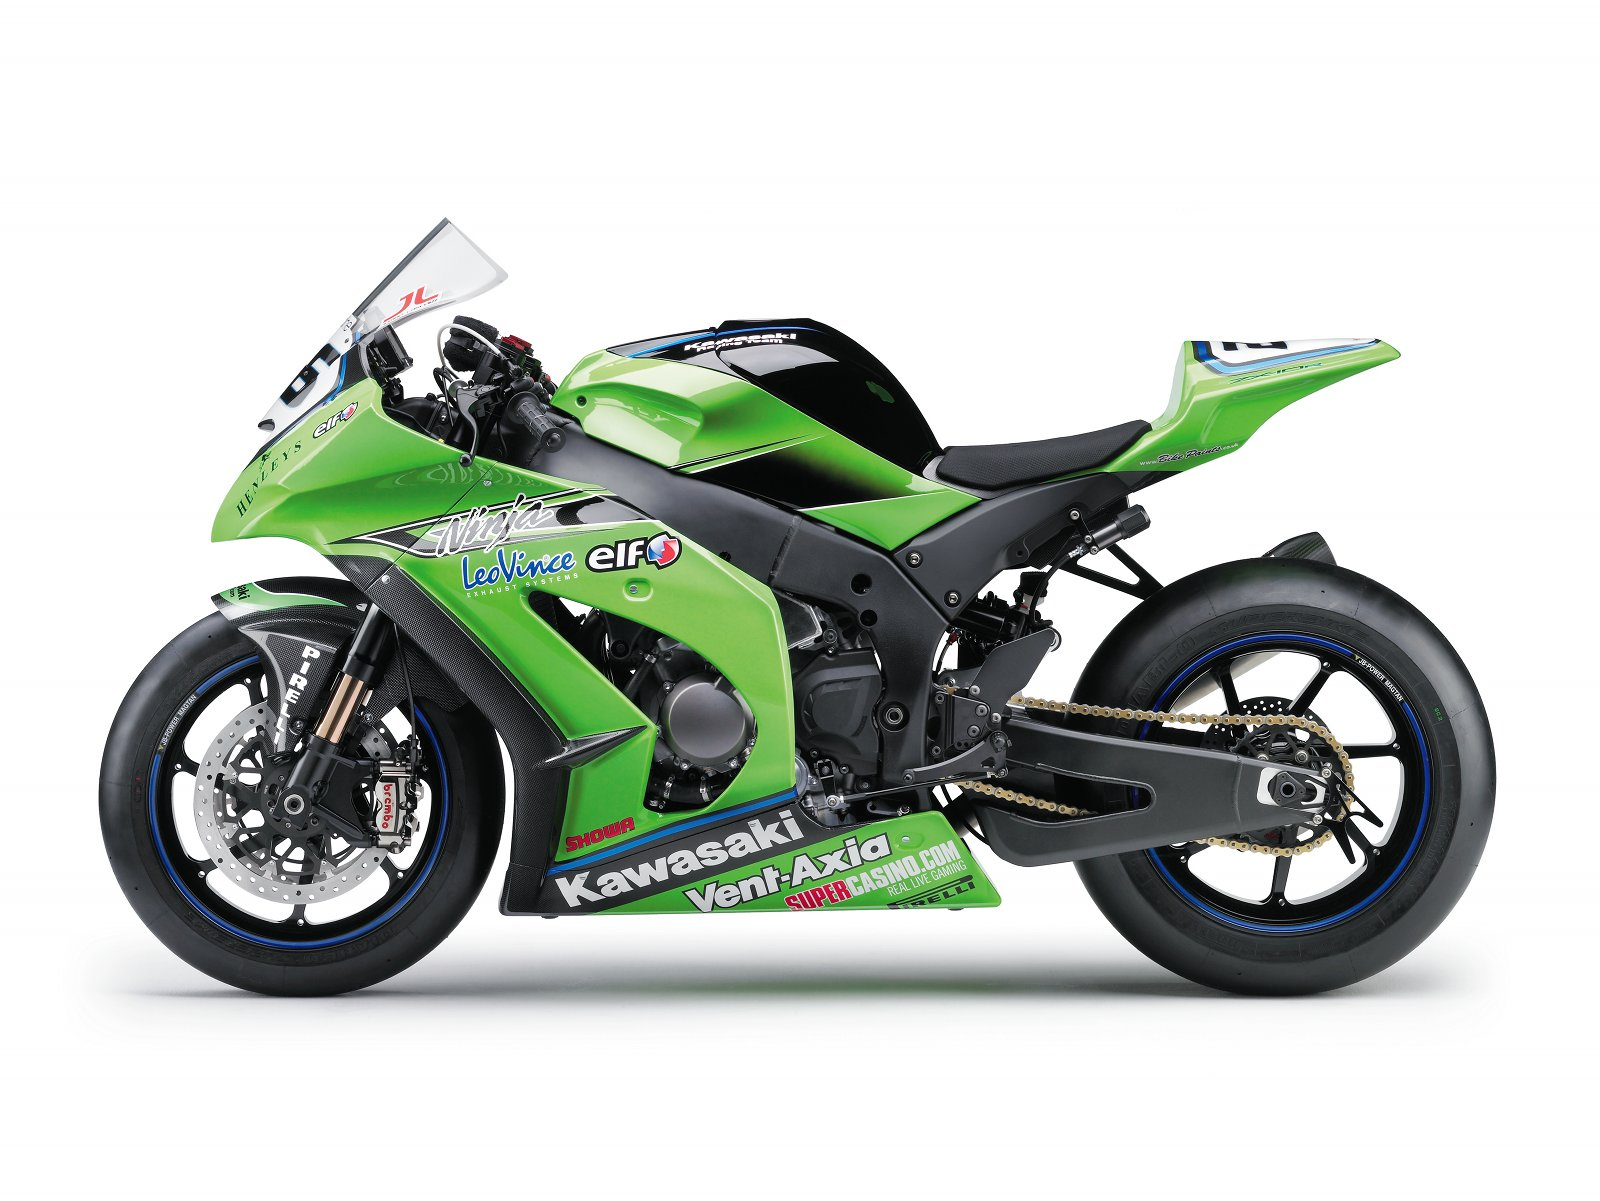 Kawasaki ZX10R 2011  - Page 5 4951545667_eec84b1ae1_o